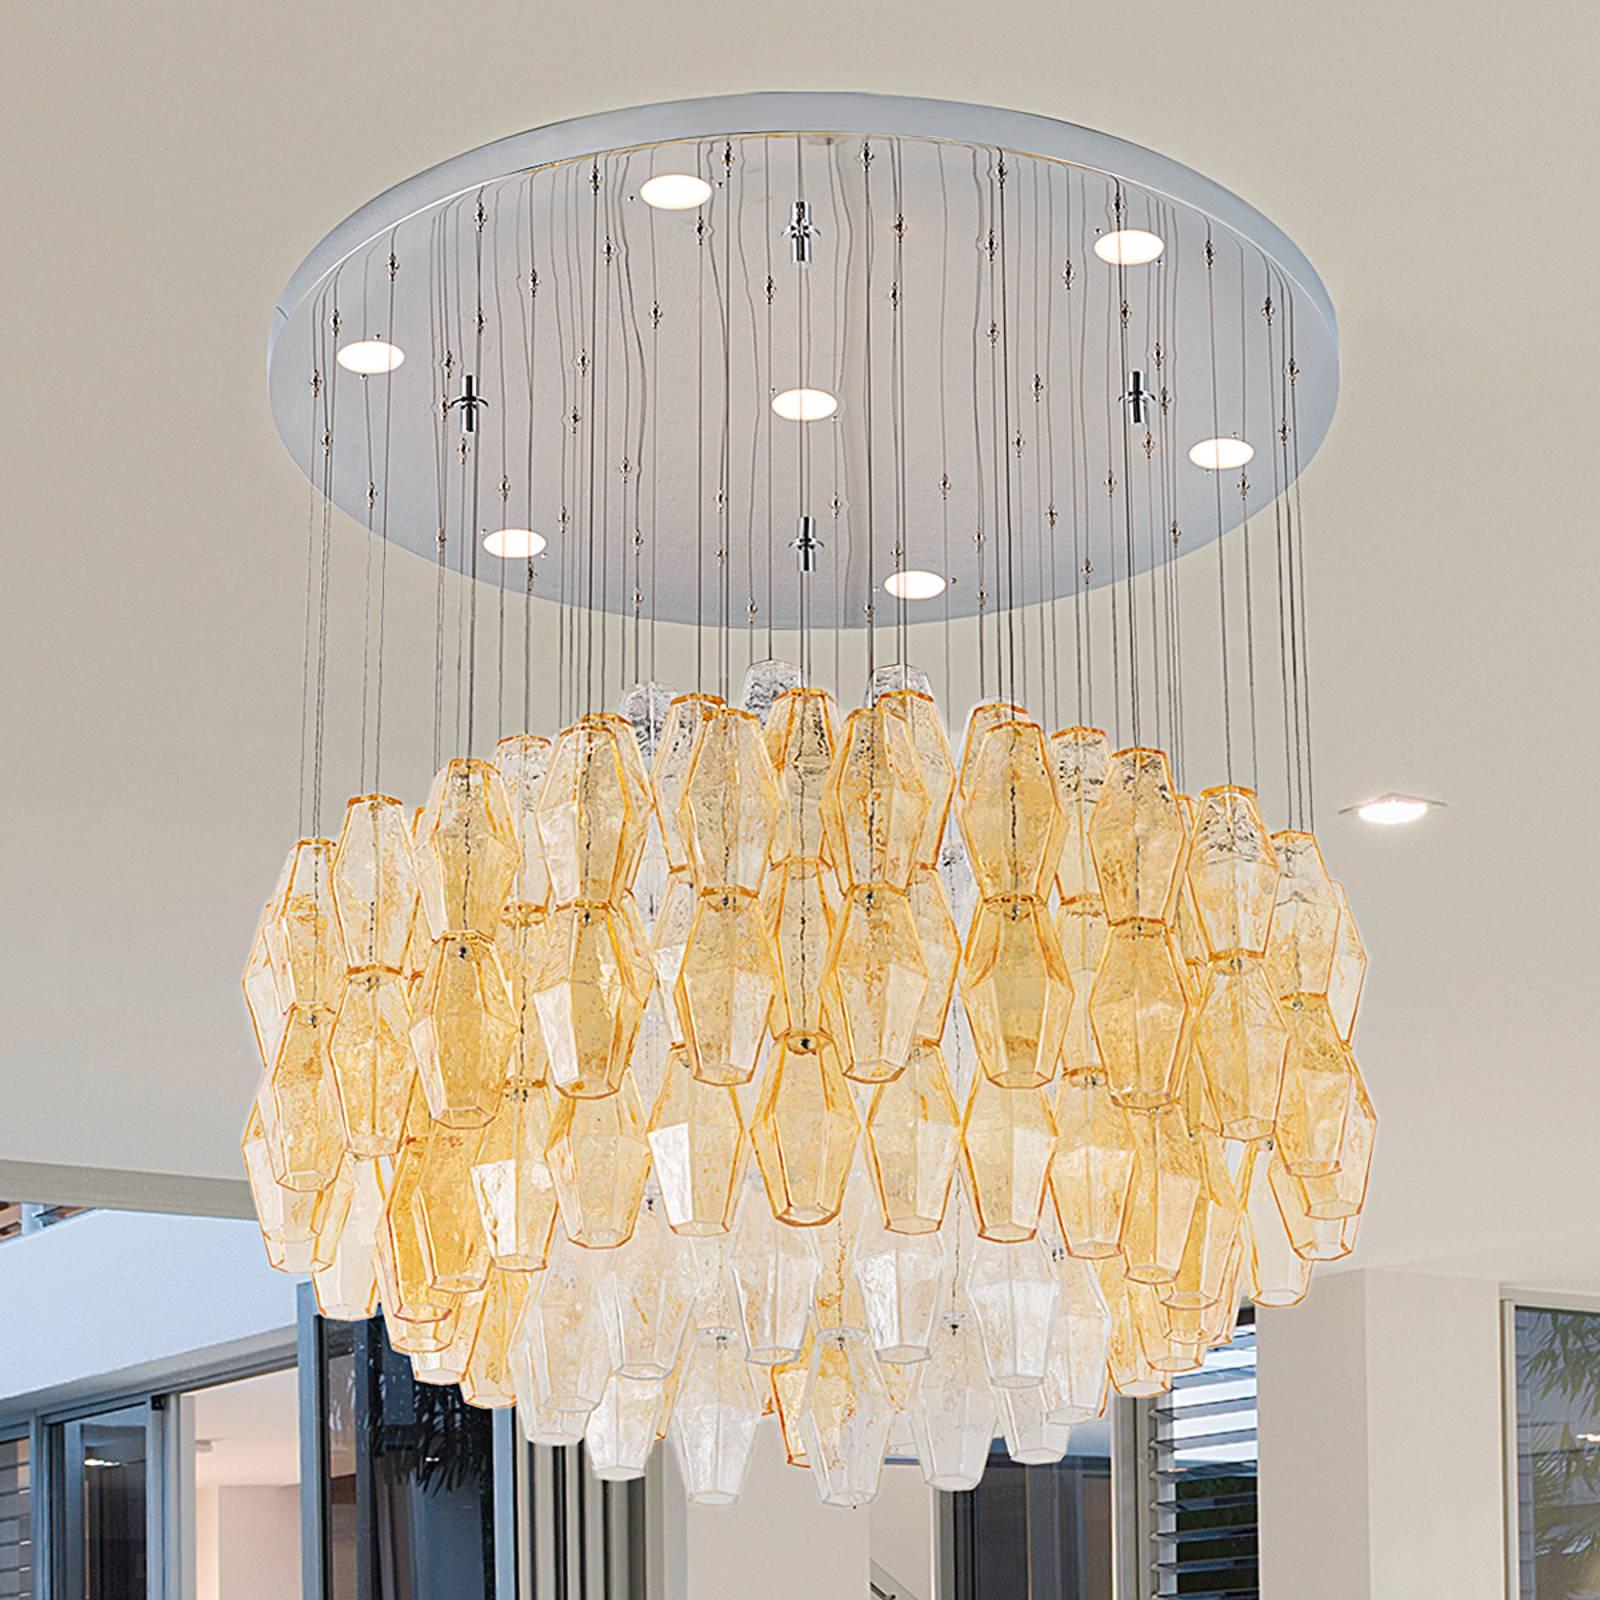 Design-LED-riippuvalaisin Glace, halkaisija 80 cm